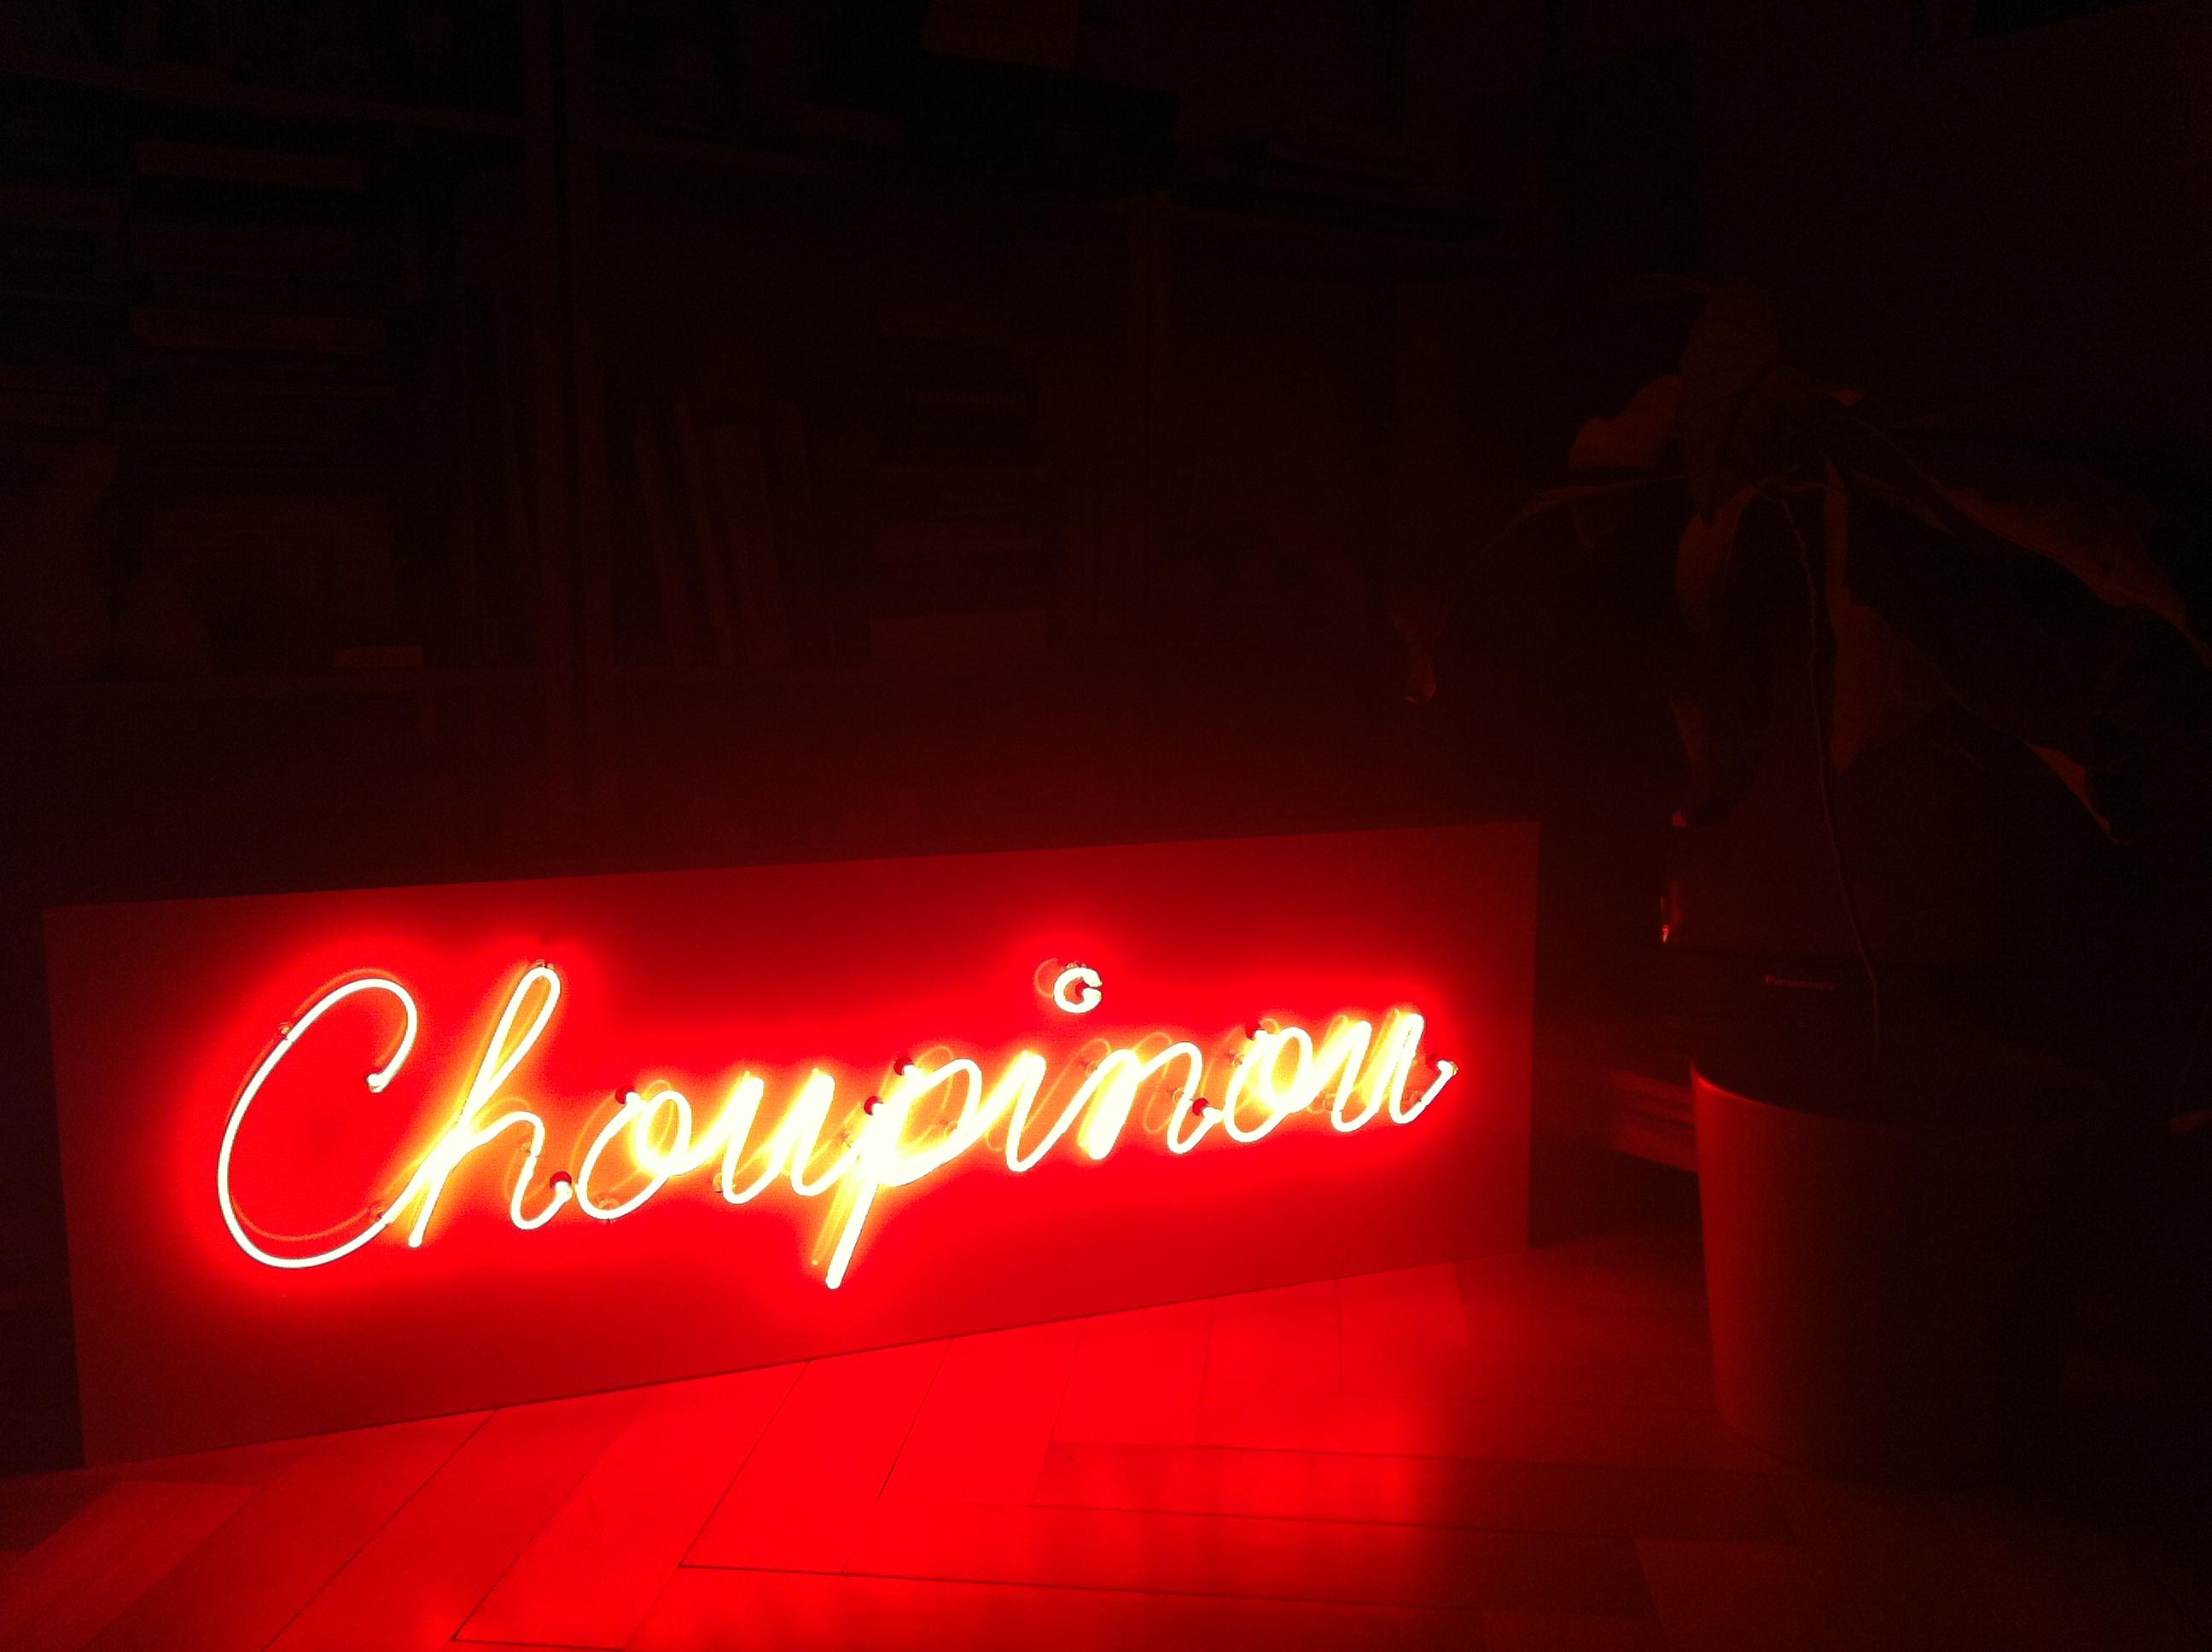 Choupinou